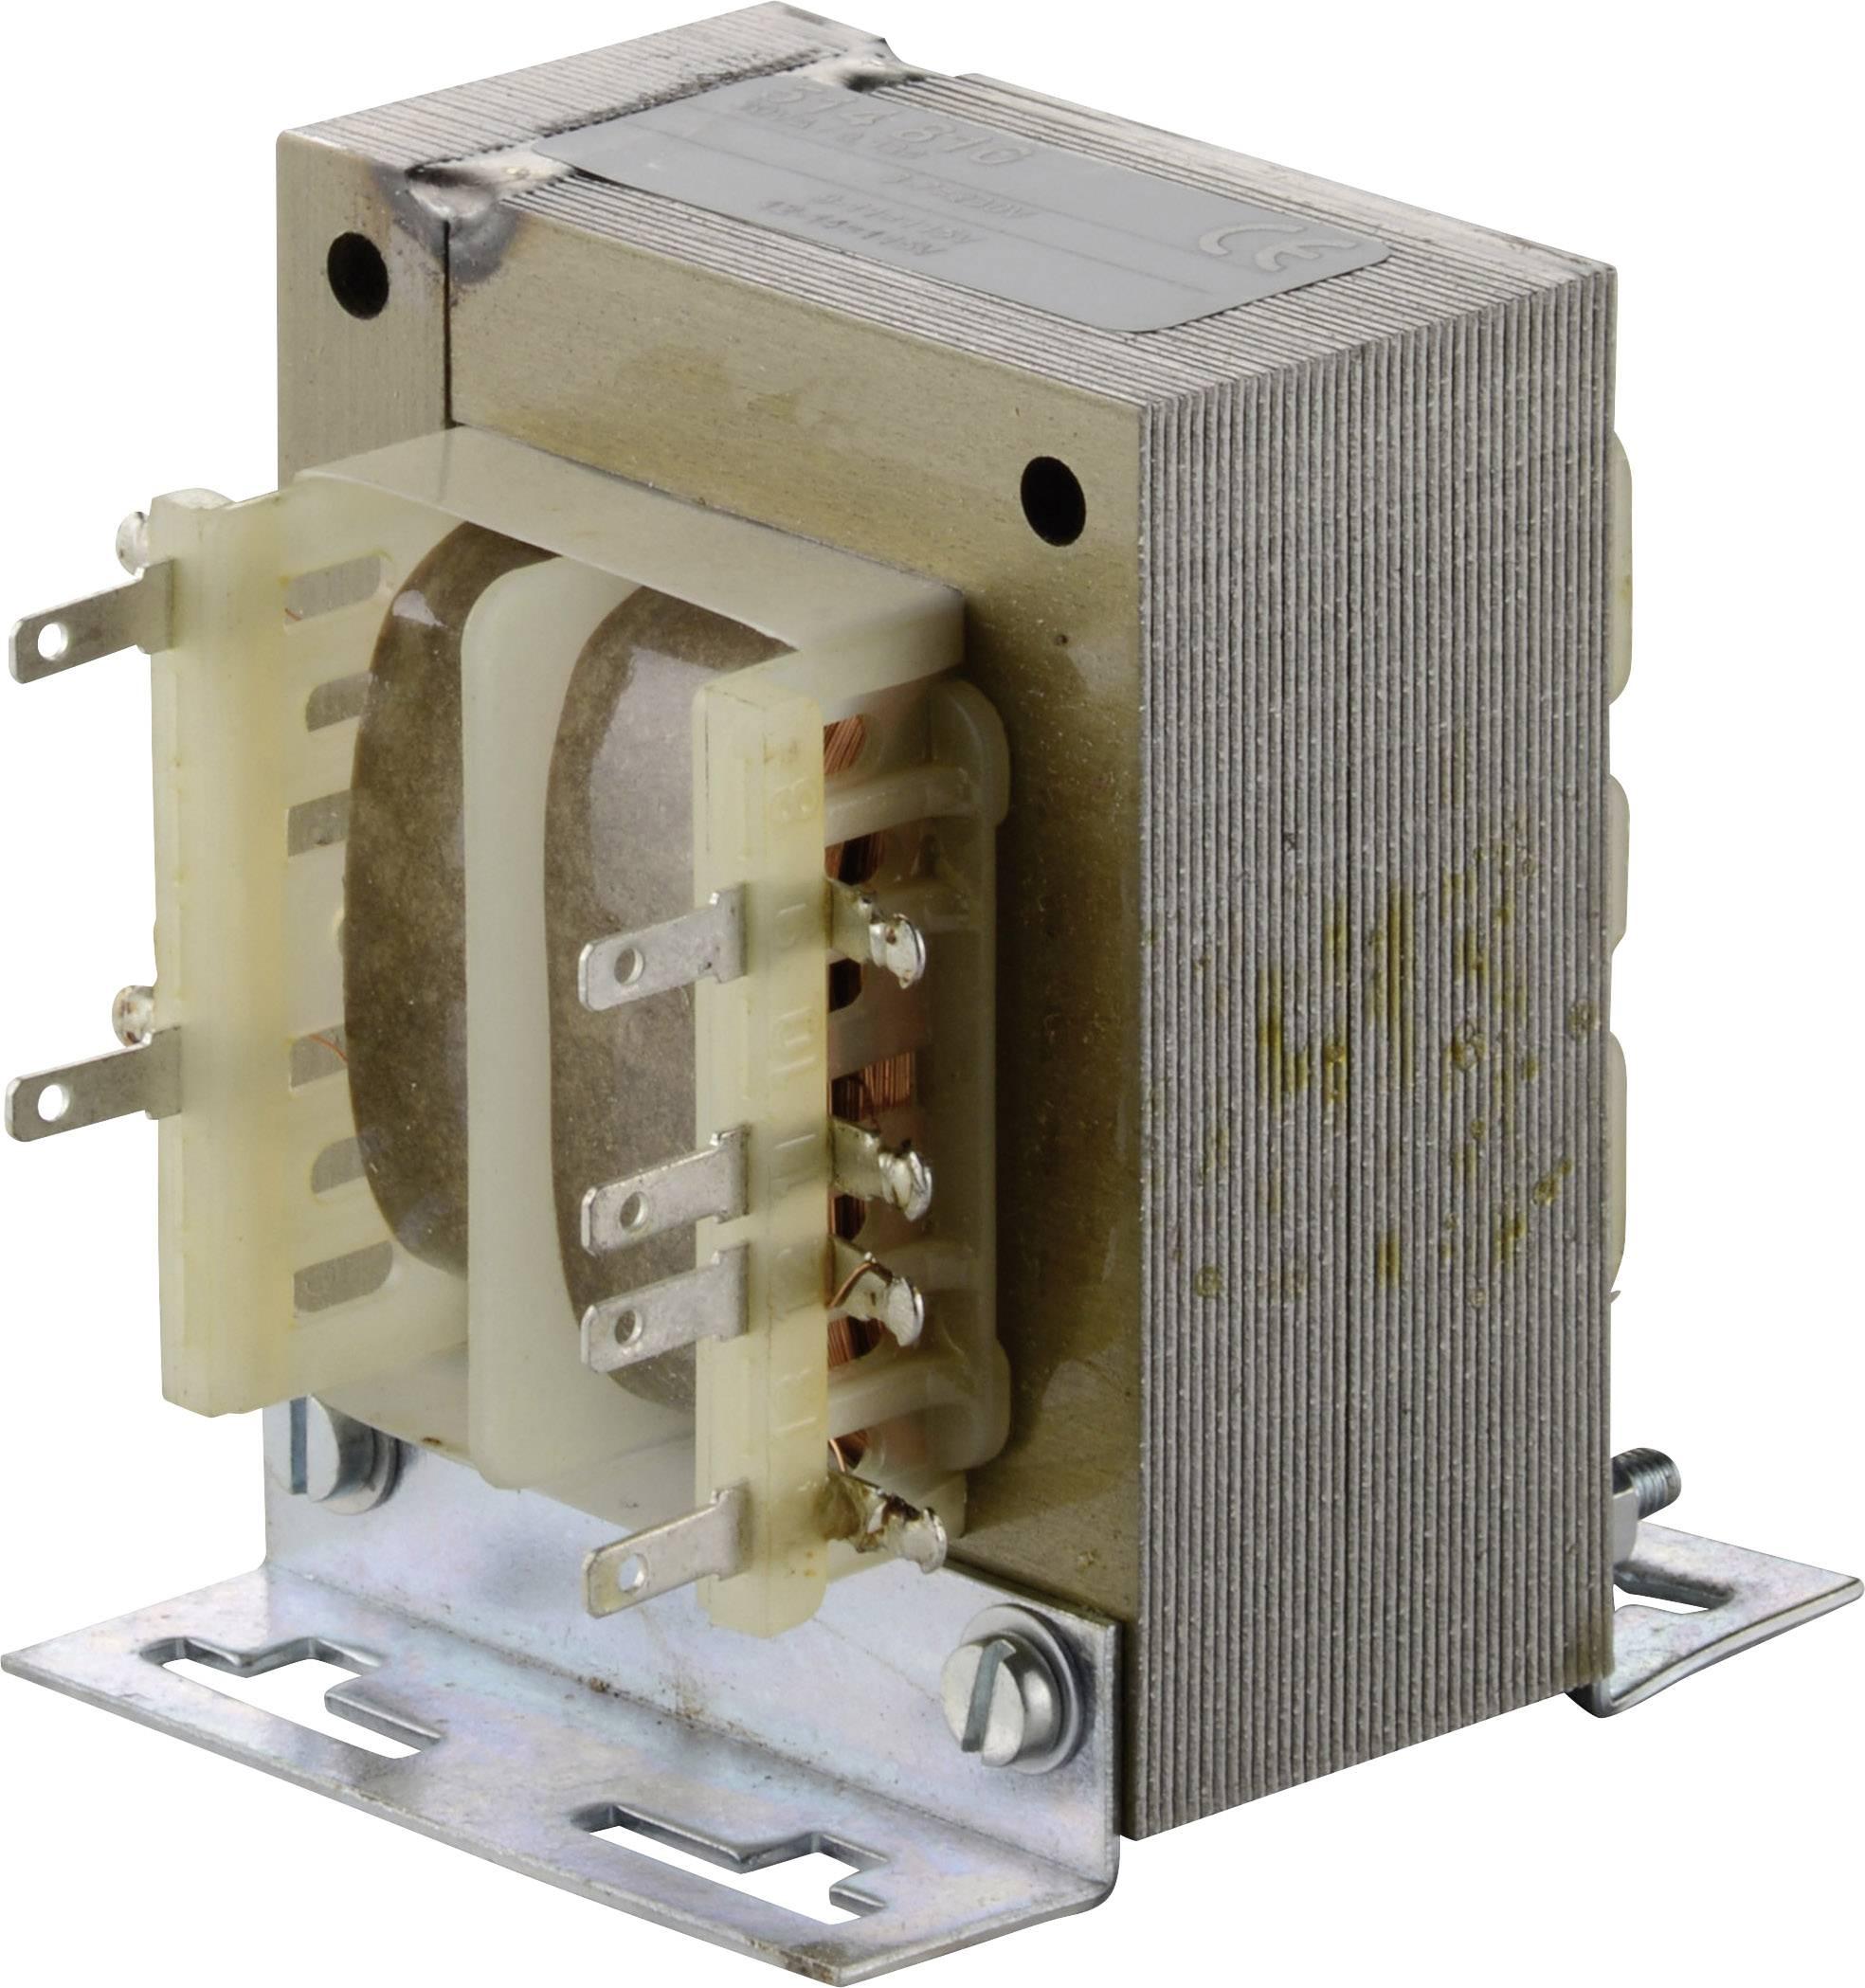 Izolačný transformátor elma TT IZ 63, 2 x 115 V/AC, 65 VA